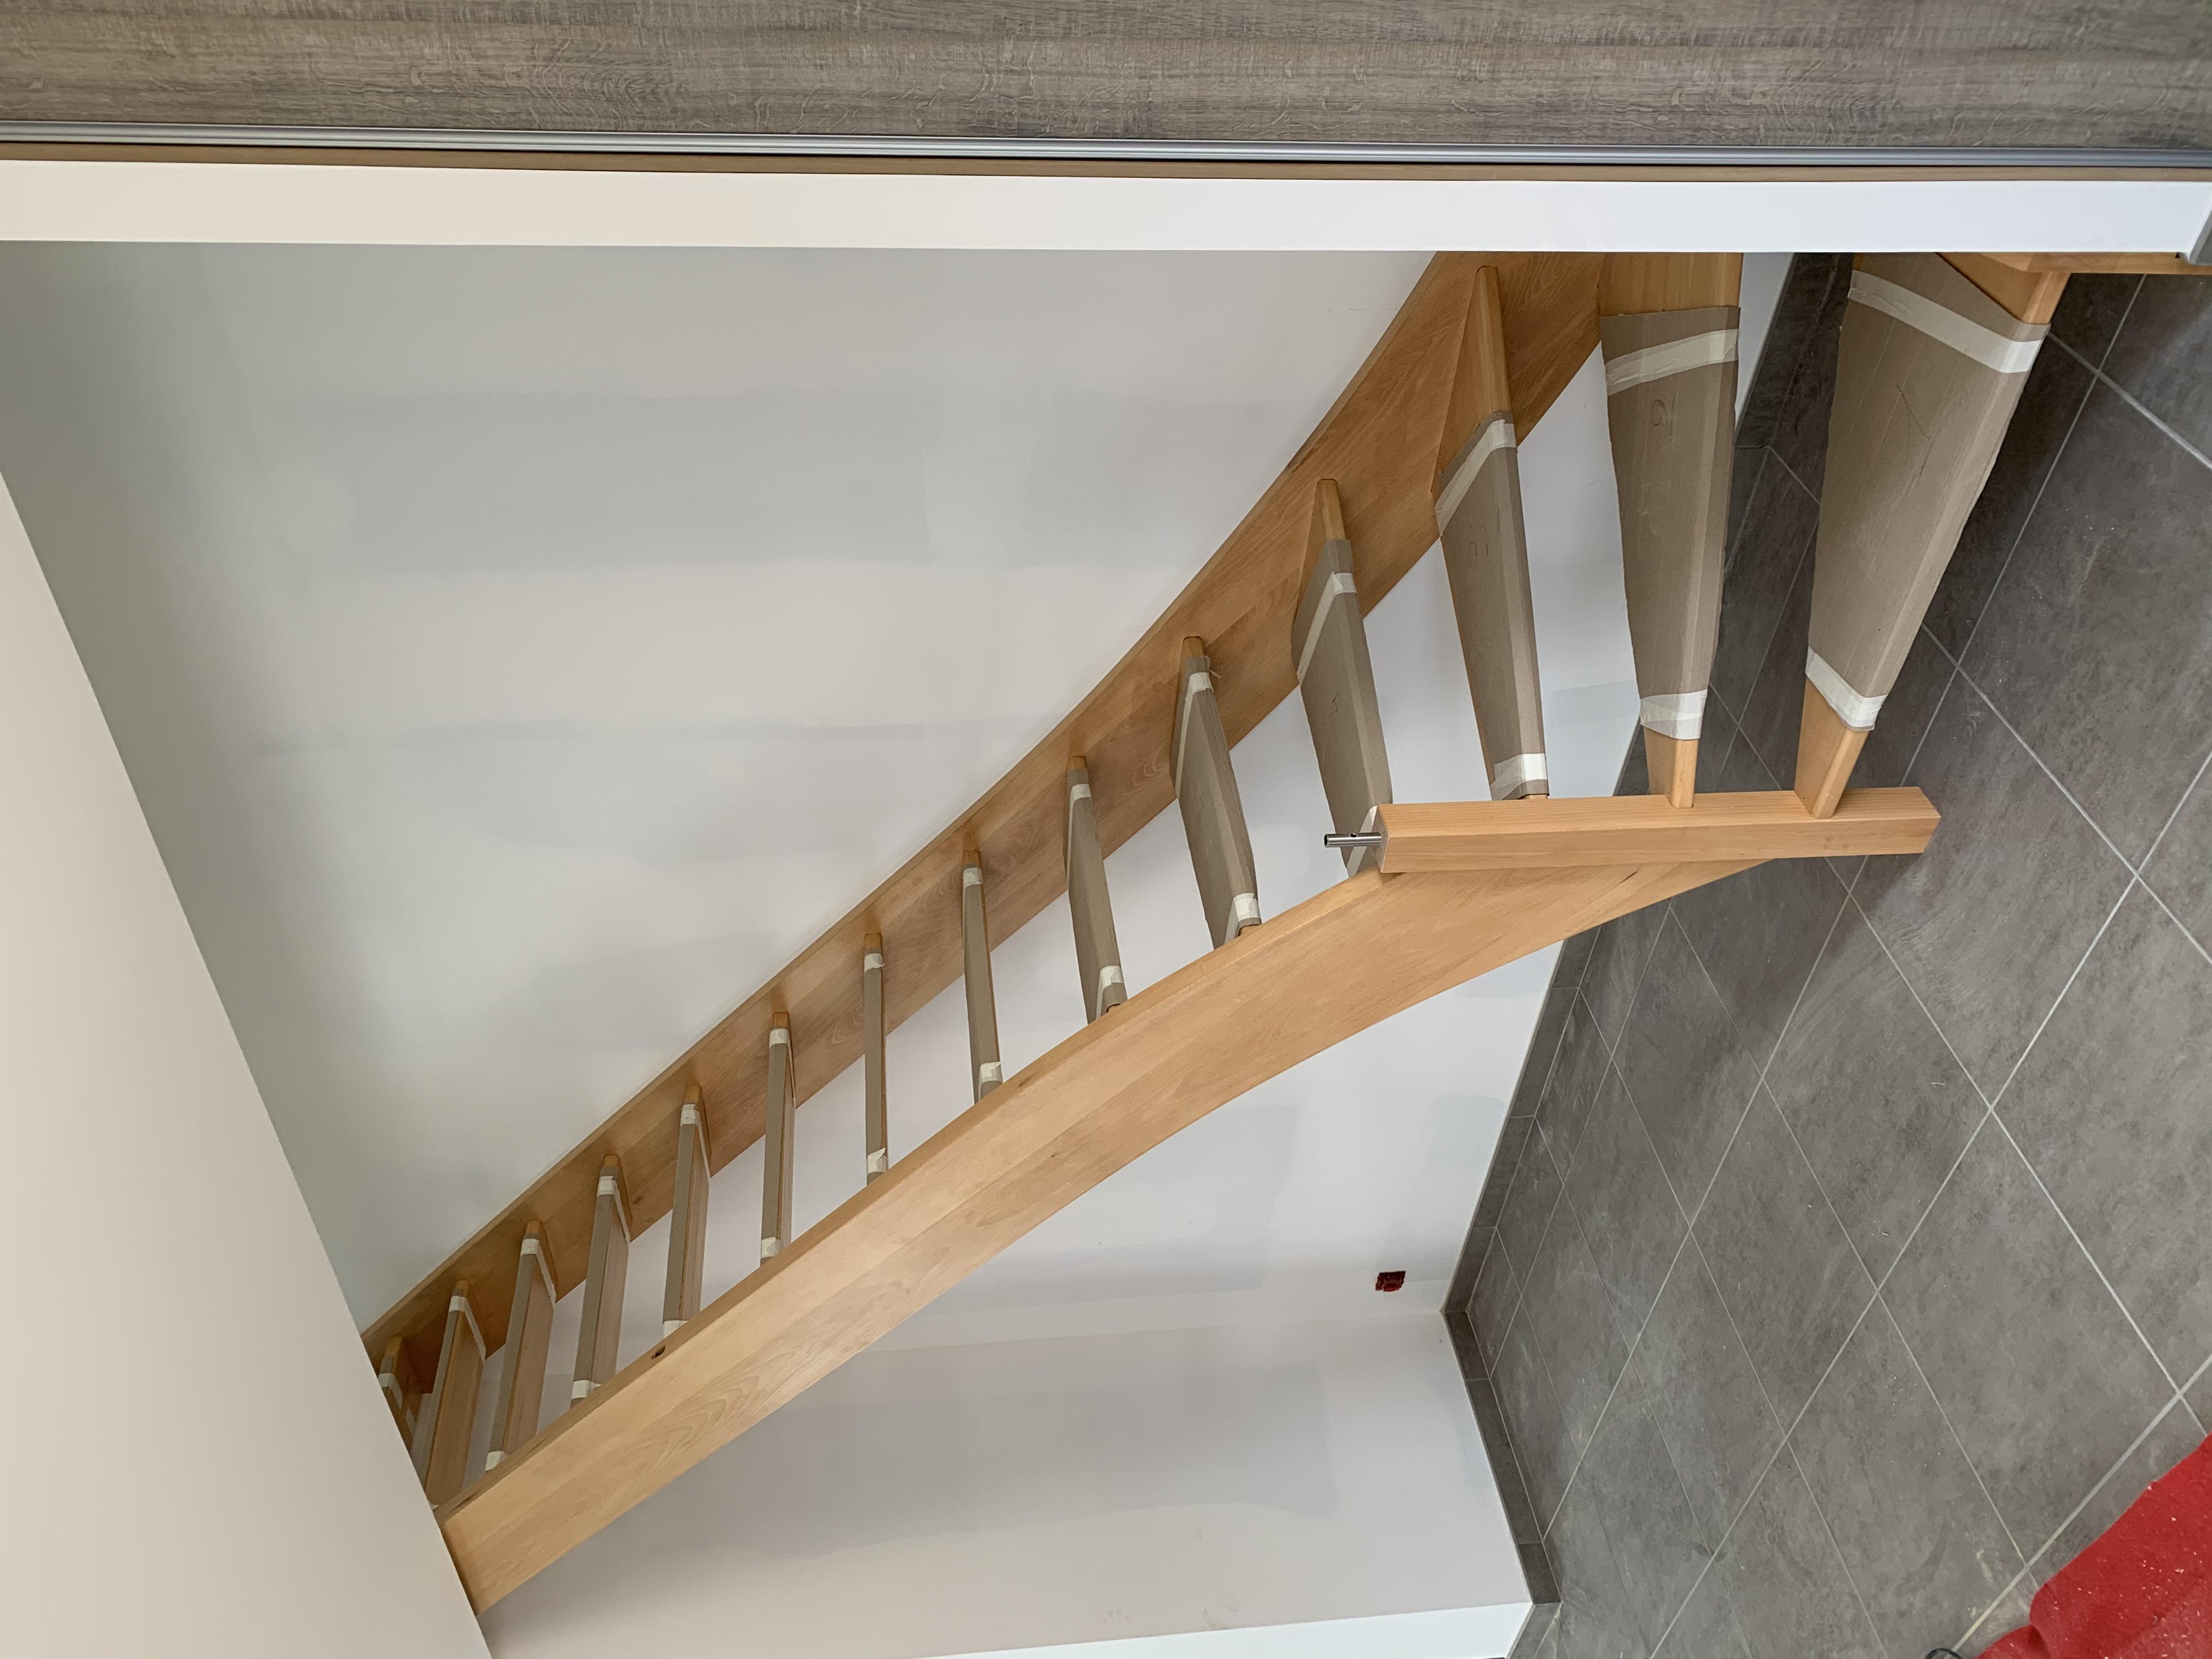 Escalier avec balustre démontable pour facilité le passage du mobilier à l'étage.